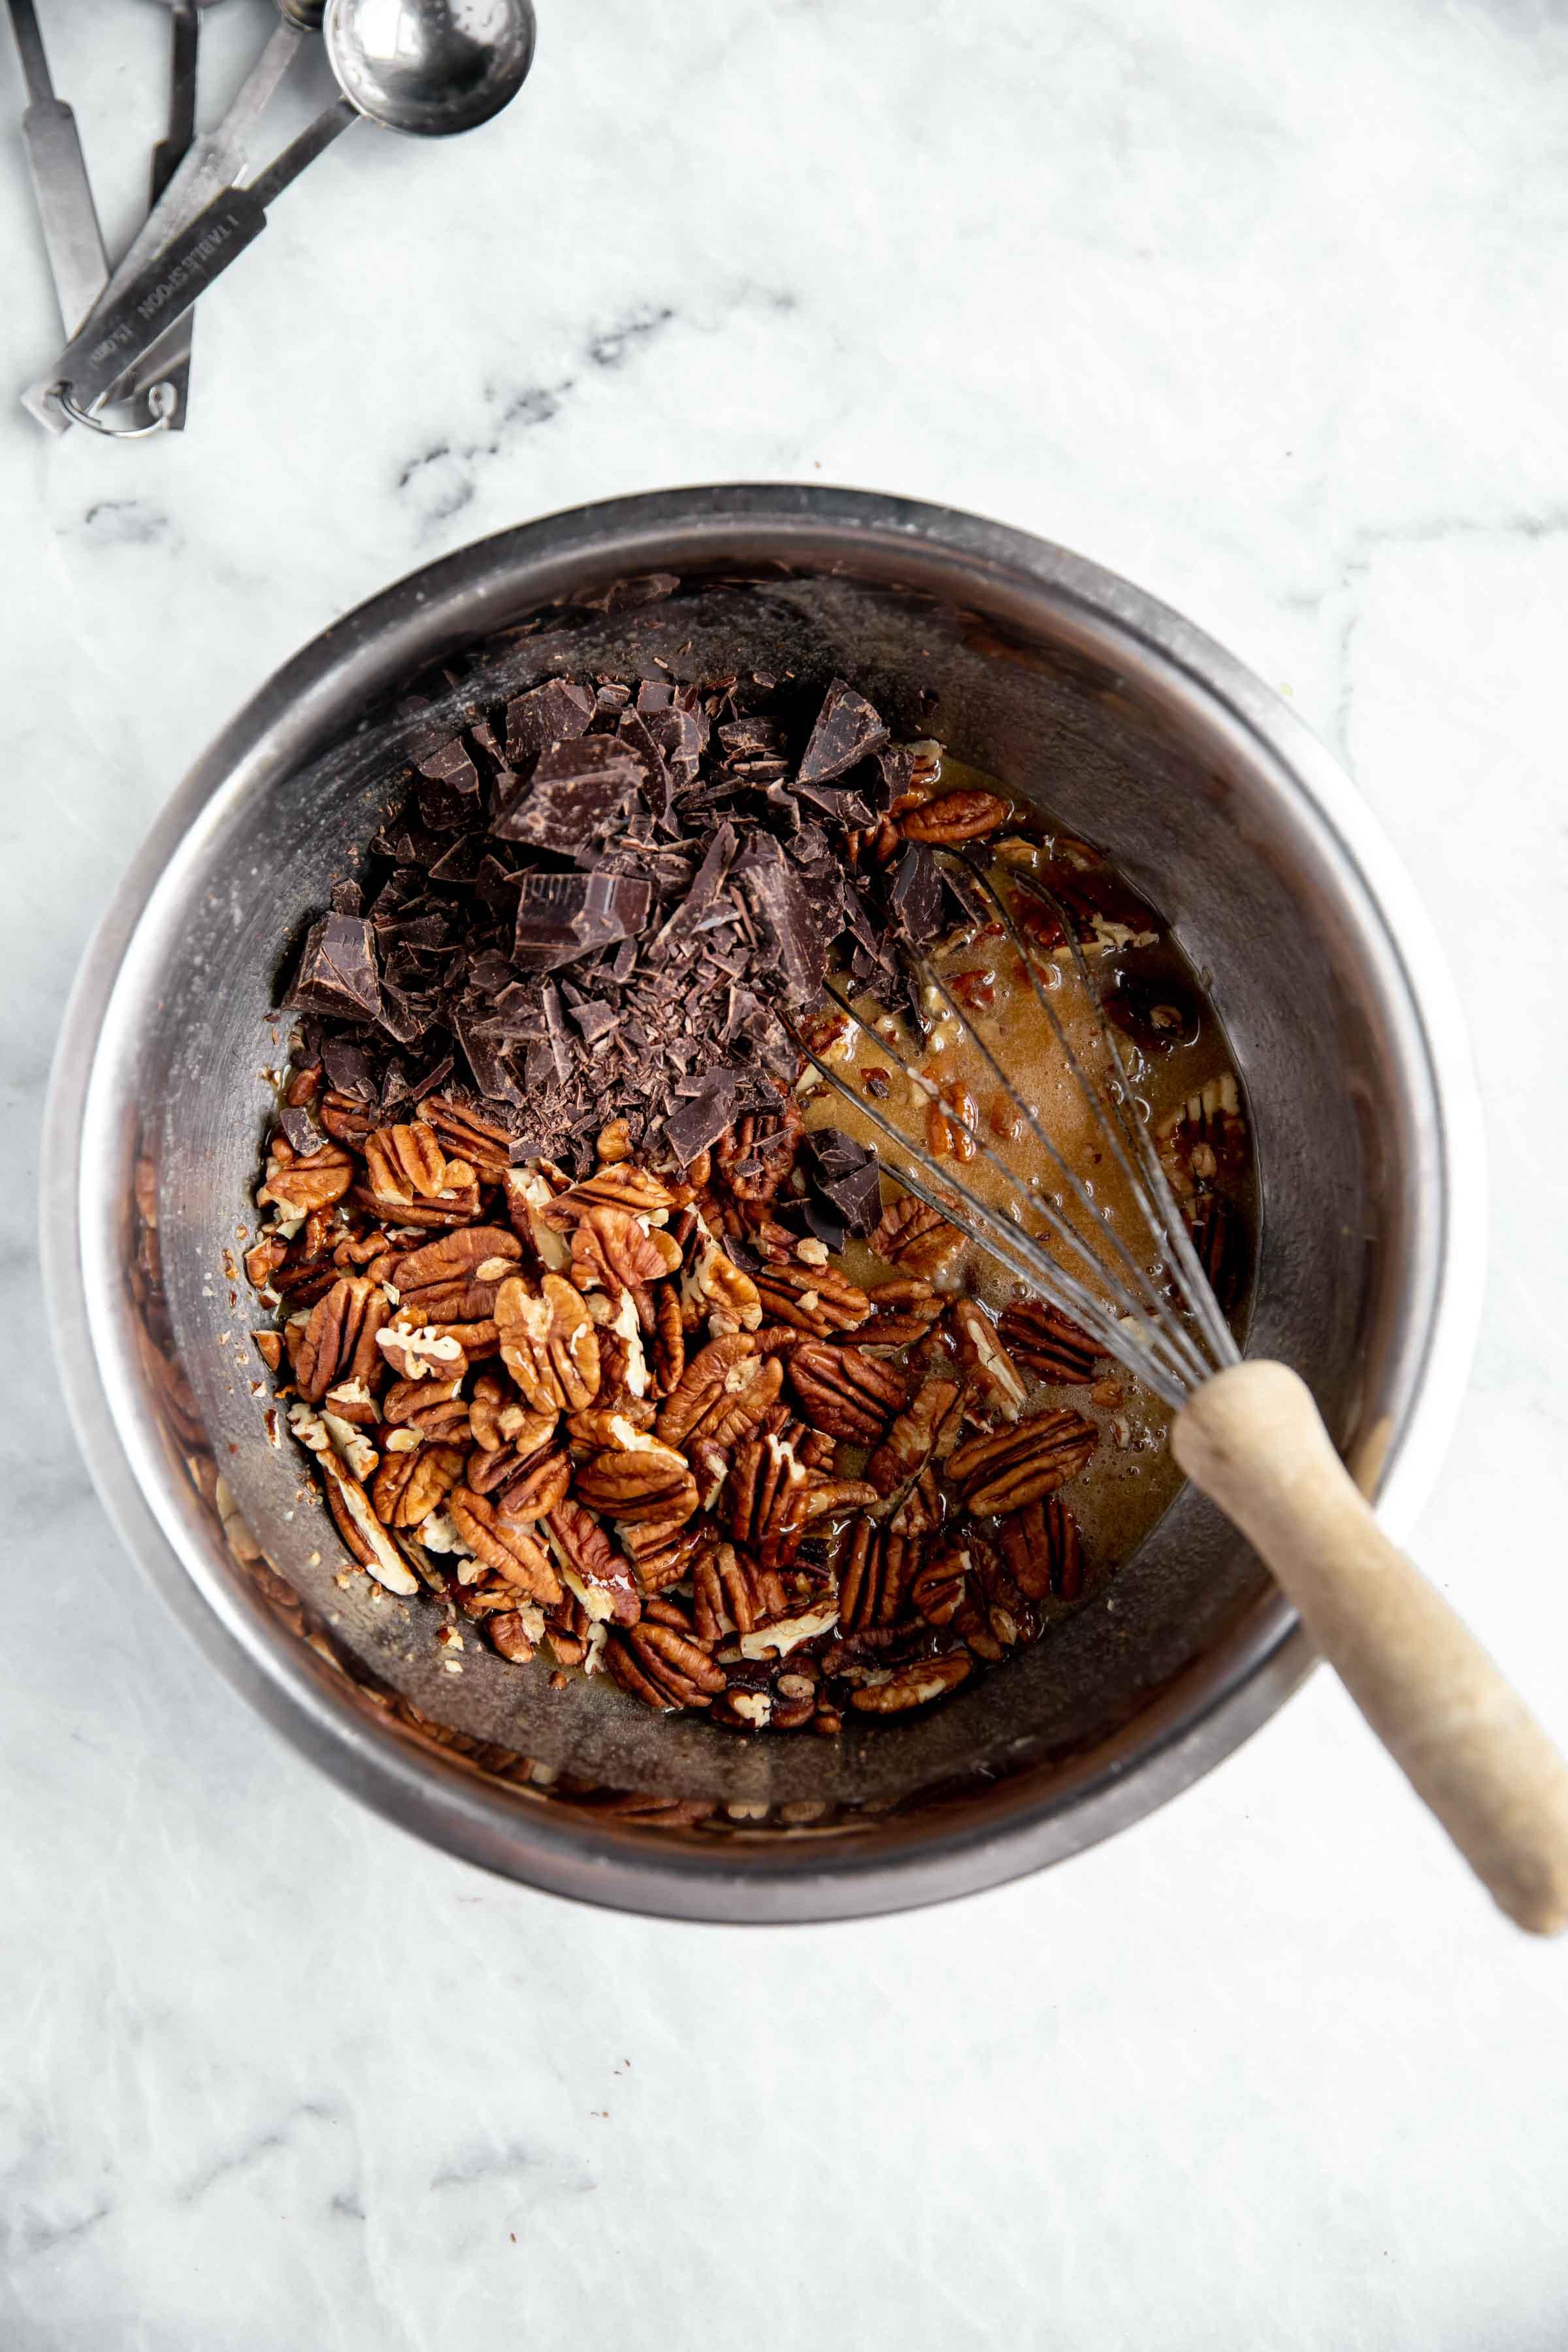 processus processus aérien de tarte aux noix de pécan au chocolat bourbon